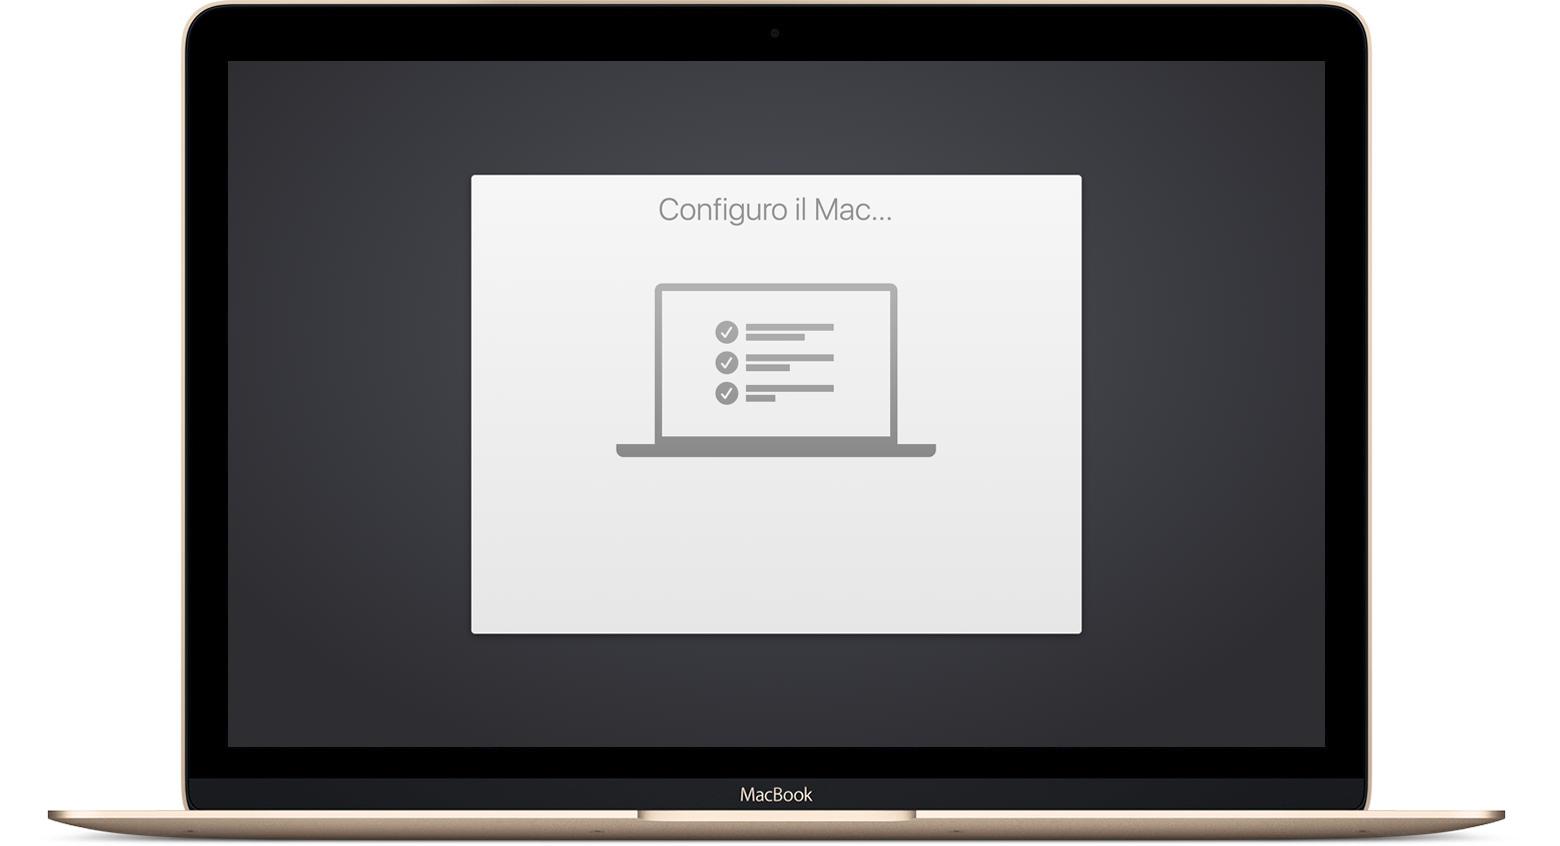 agganciare iMac a Internet eliminare laccount di incontri interrazziale